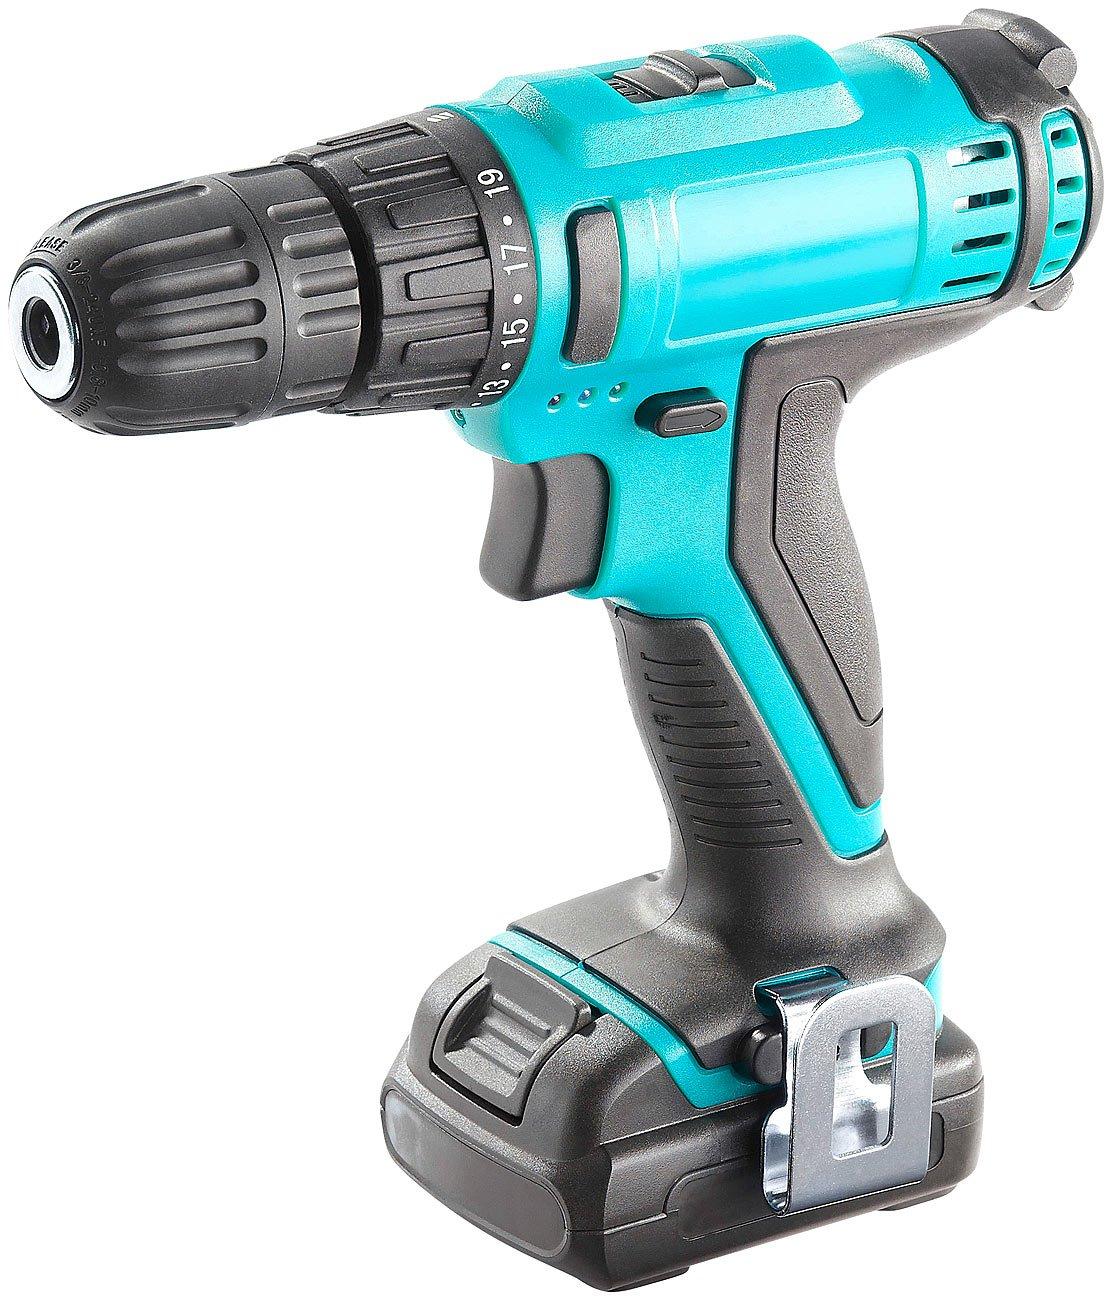 AGT-Schrauber-Akkuschrauber-ohne-108-V-Akku-mit-Drehmoment-Wahl-und-LED-Licht-Akkuwerkzeug-Akku-Schrauber